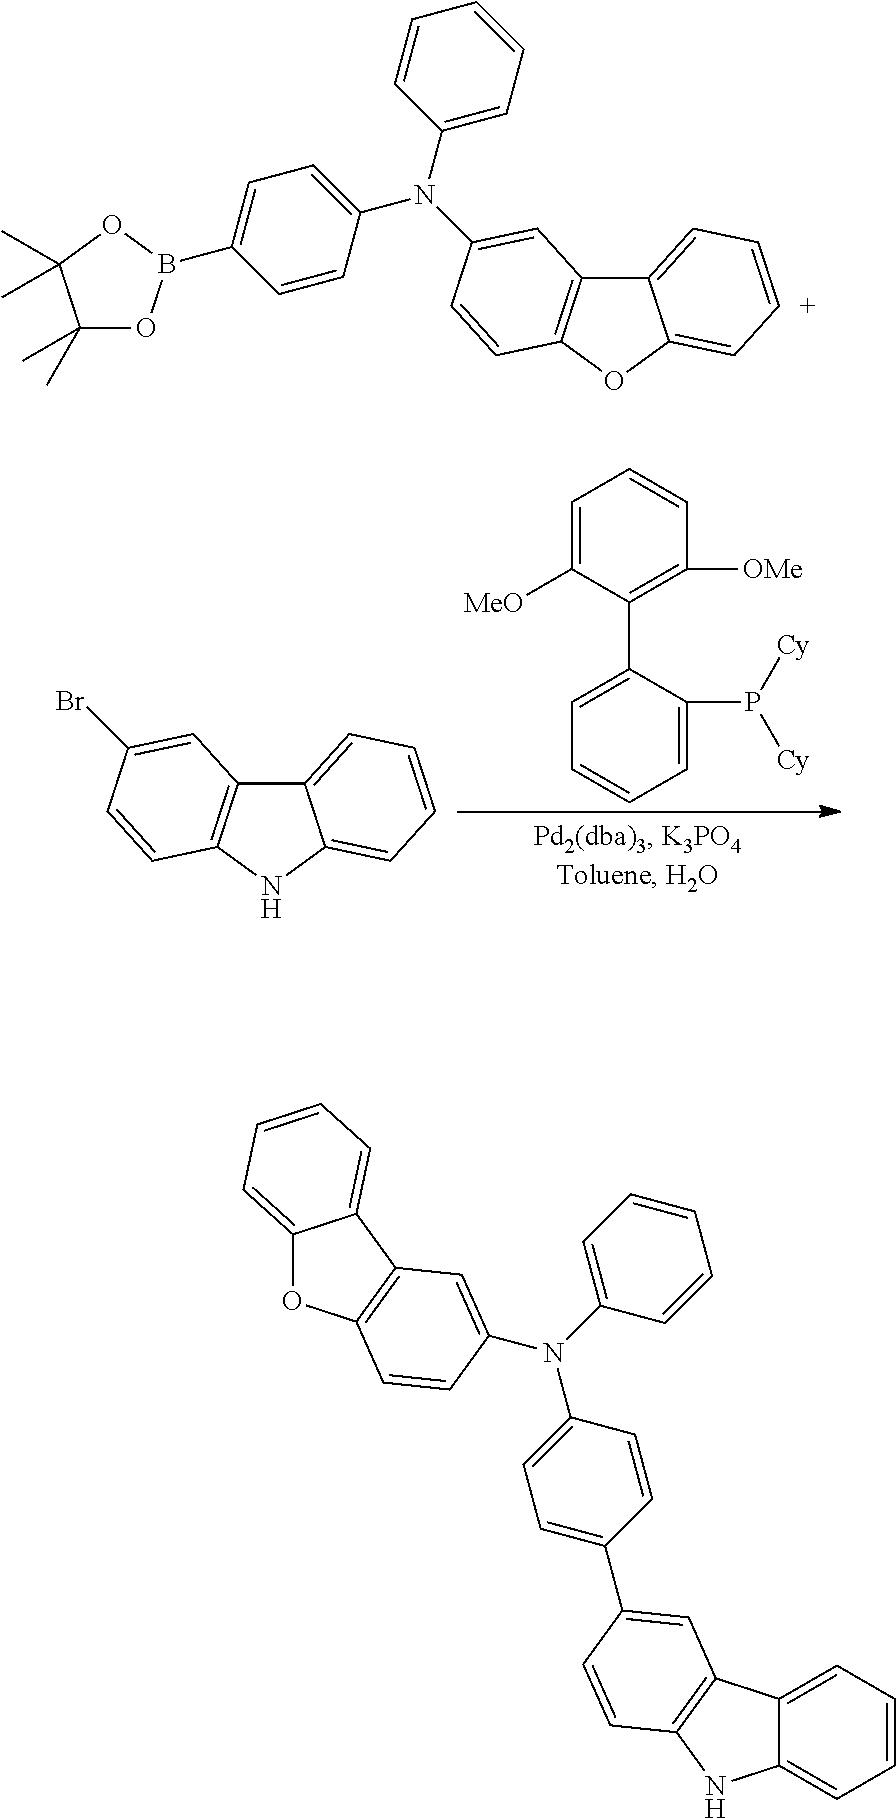 Figure US09324949-20160426-C00300